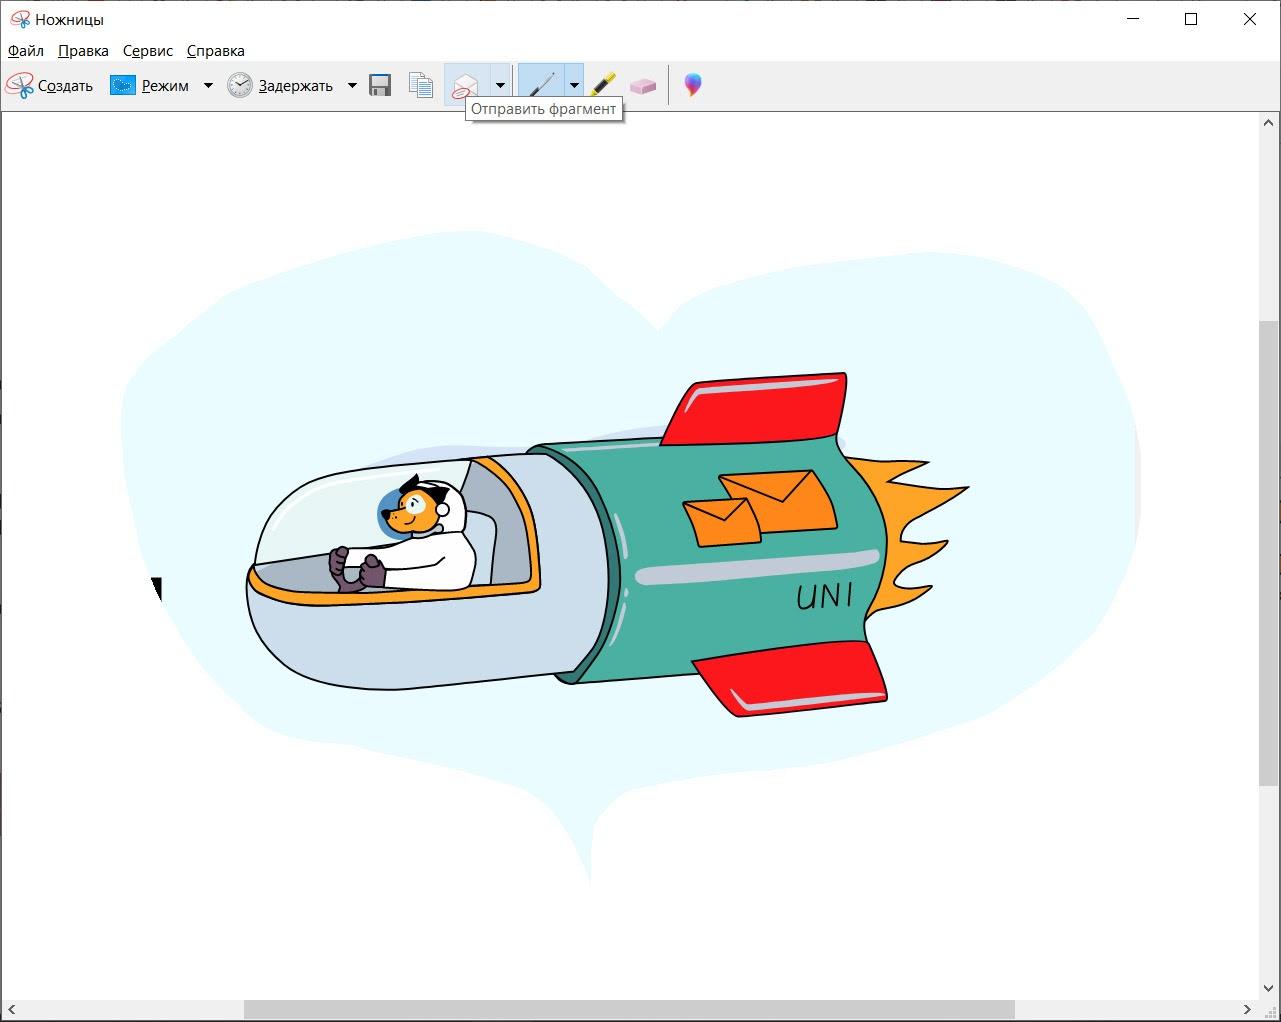 Выделение в форме сердечка. Скриншот окна программы сделан с помощью клавиш Alt+PrSc